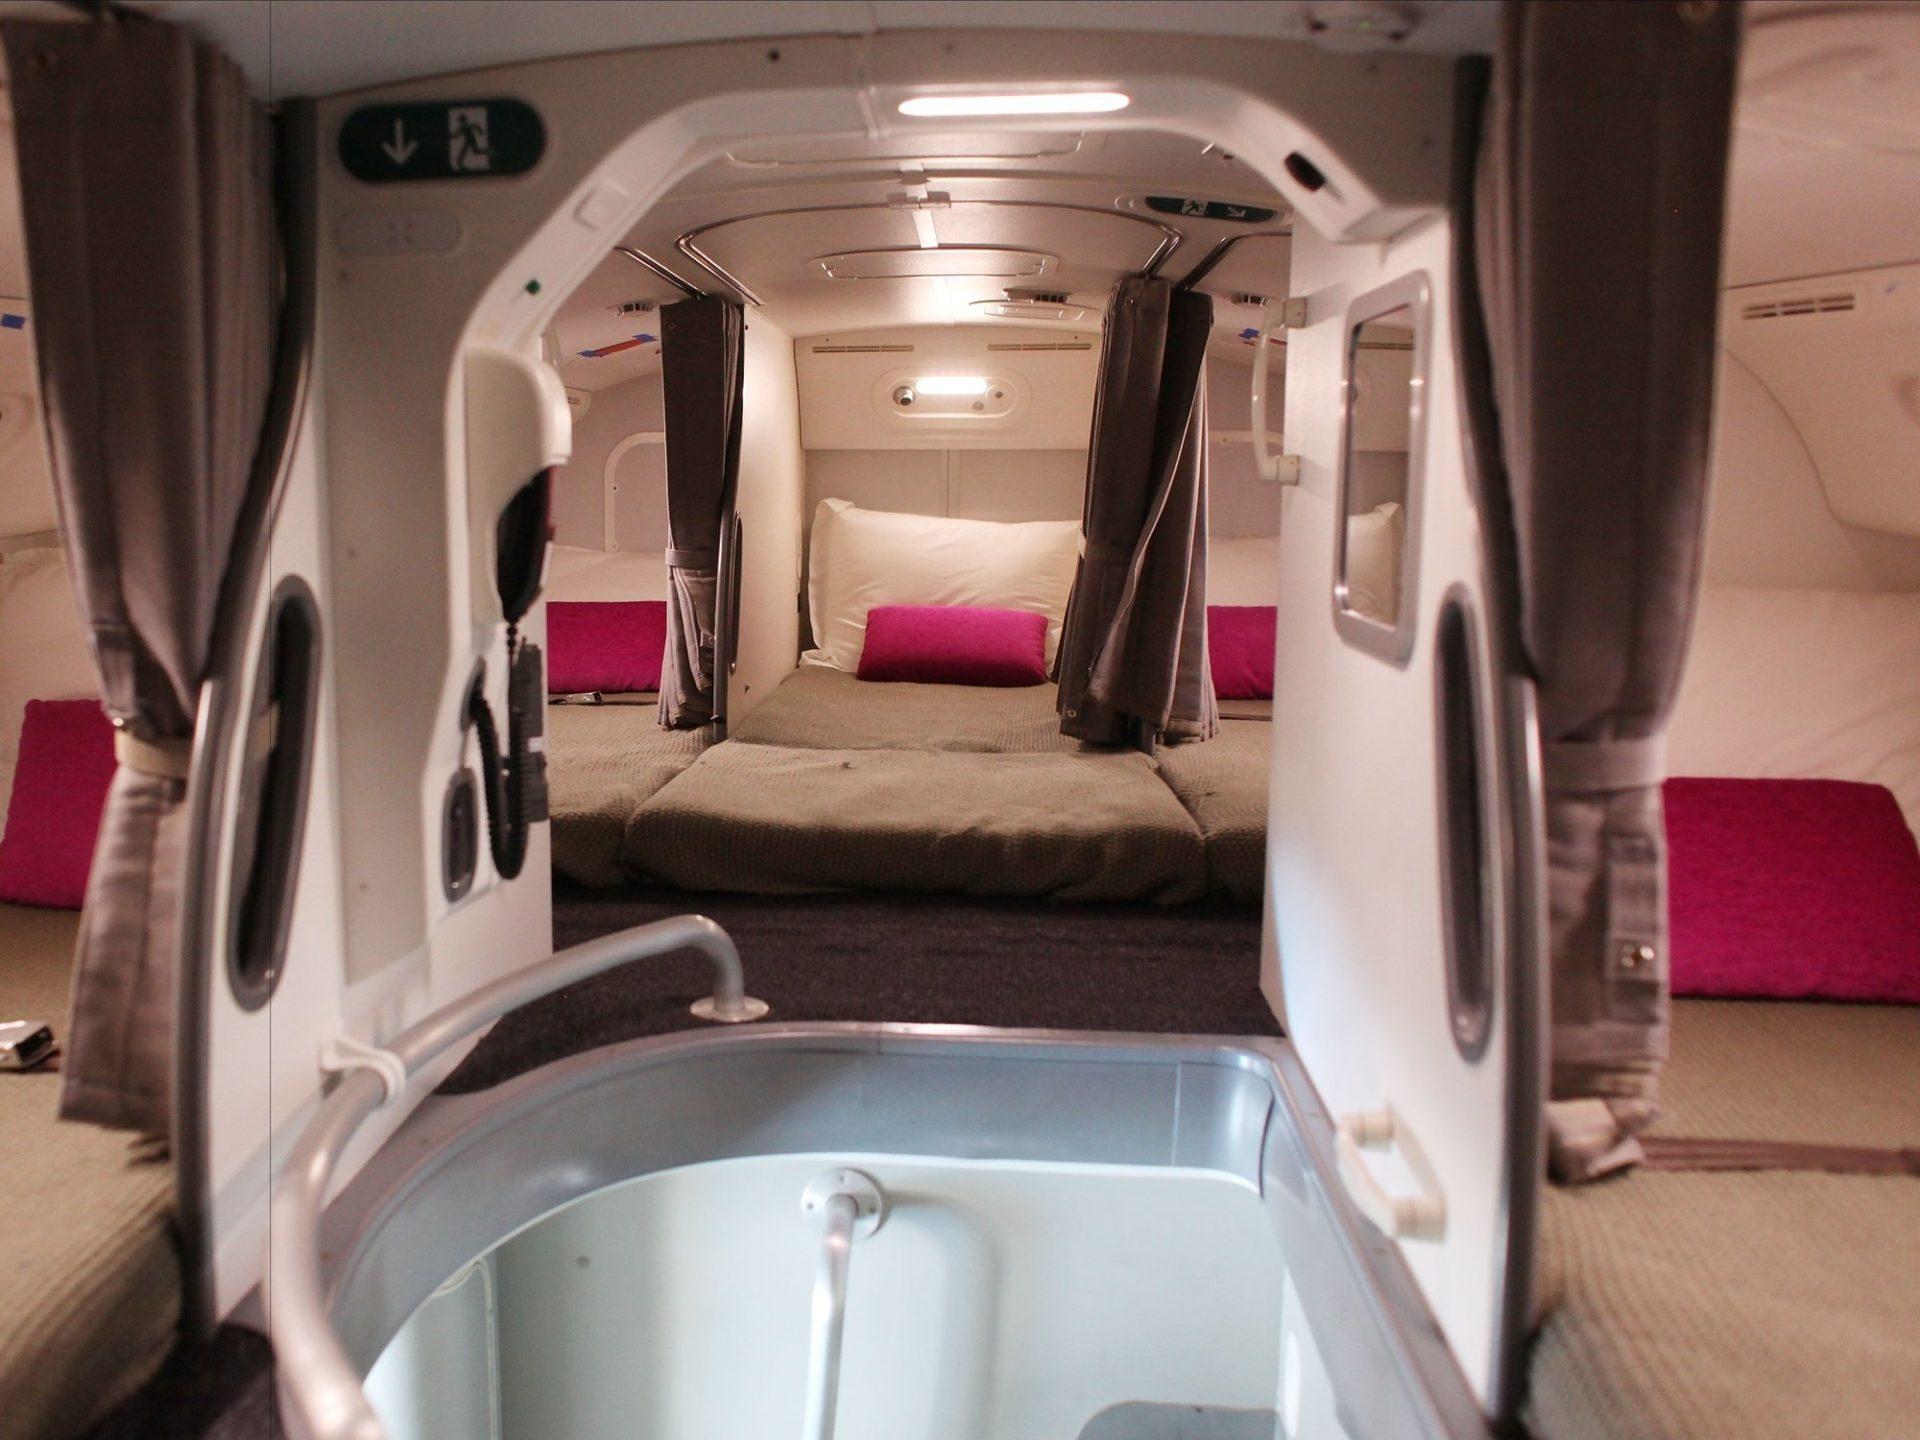 1. В комнате для экипажа достаточно ограниченное пространство, но тем не менее в ней есть все необходимое, чтобы немного вздремнуть.